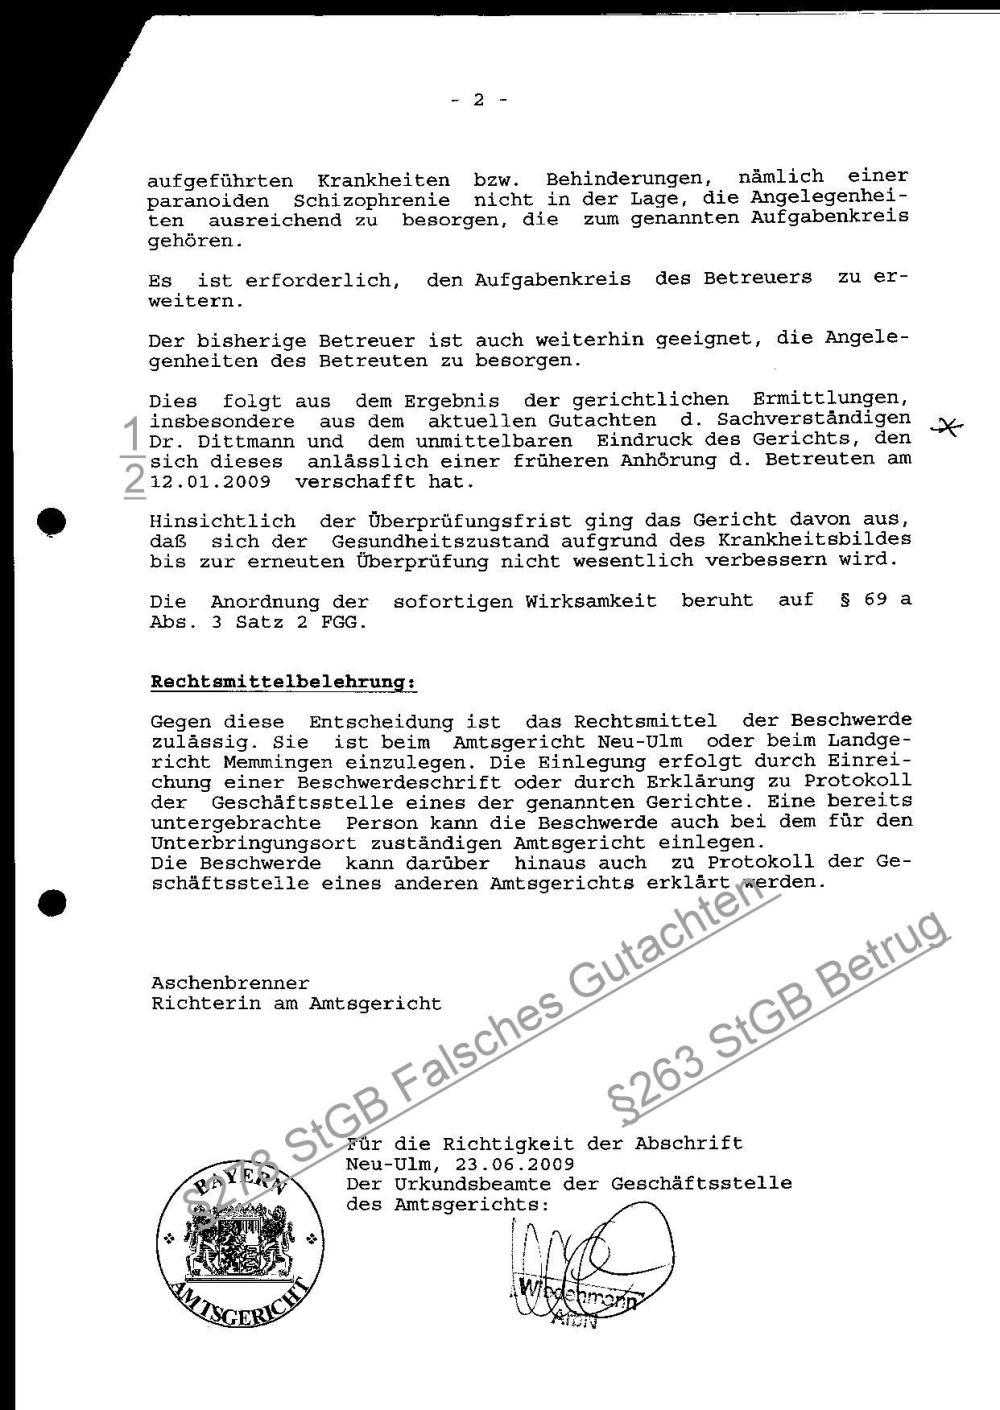 23.06.2009 Gerichtsbeschluß Paranoide Schizophrenie 2